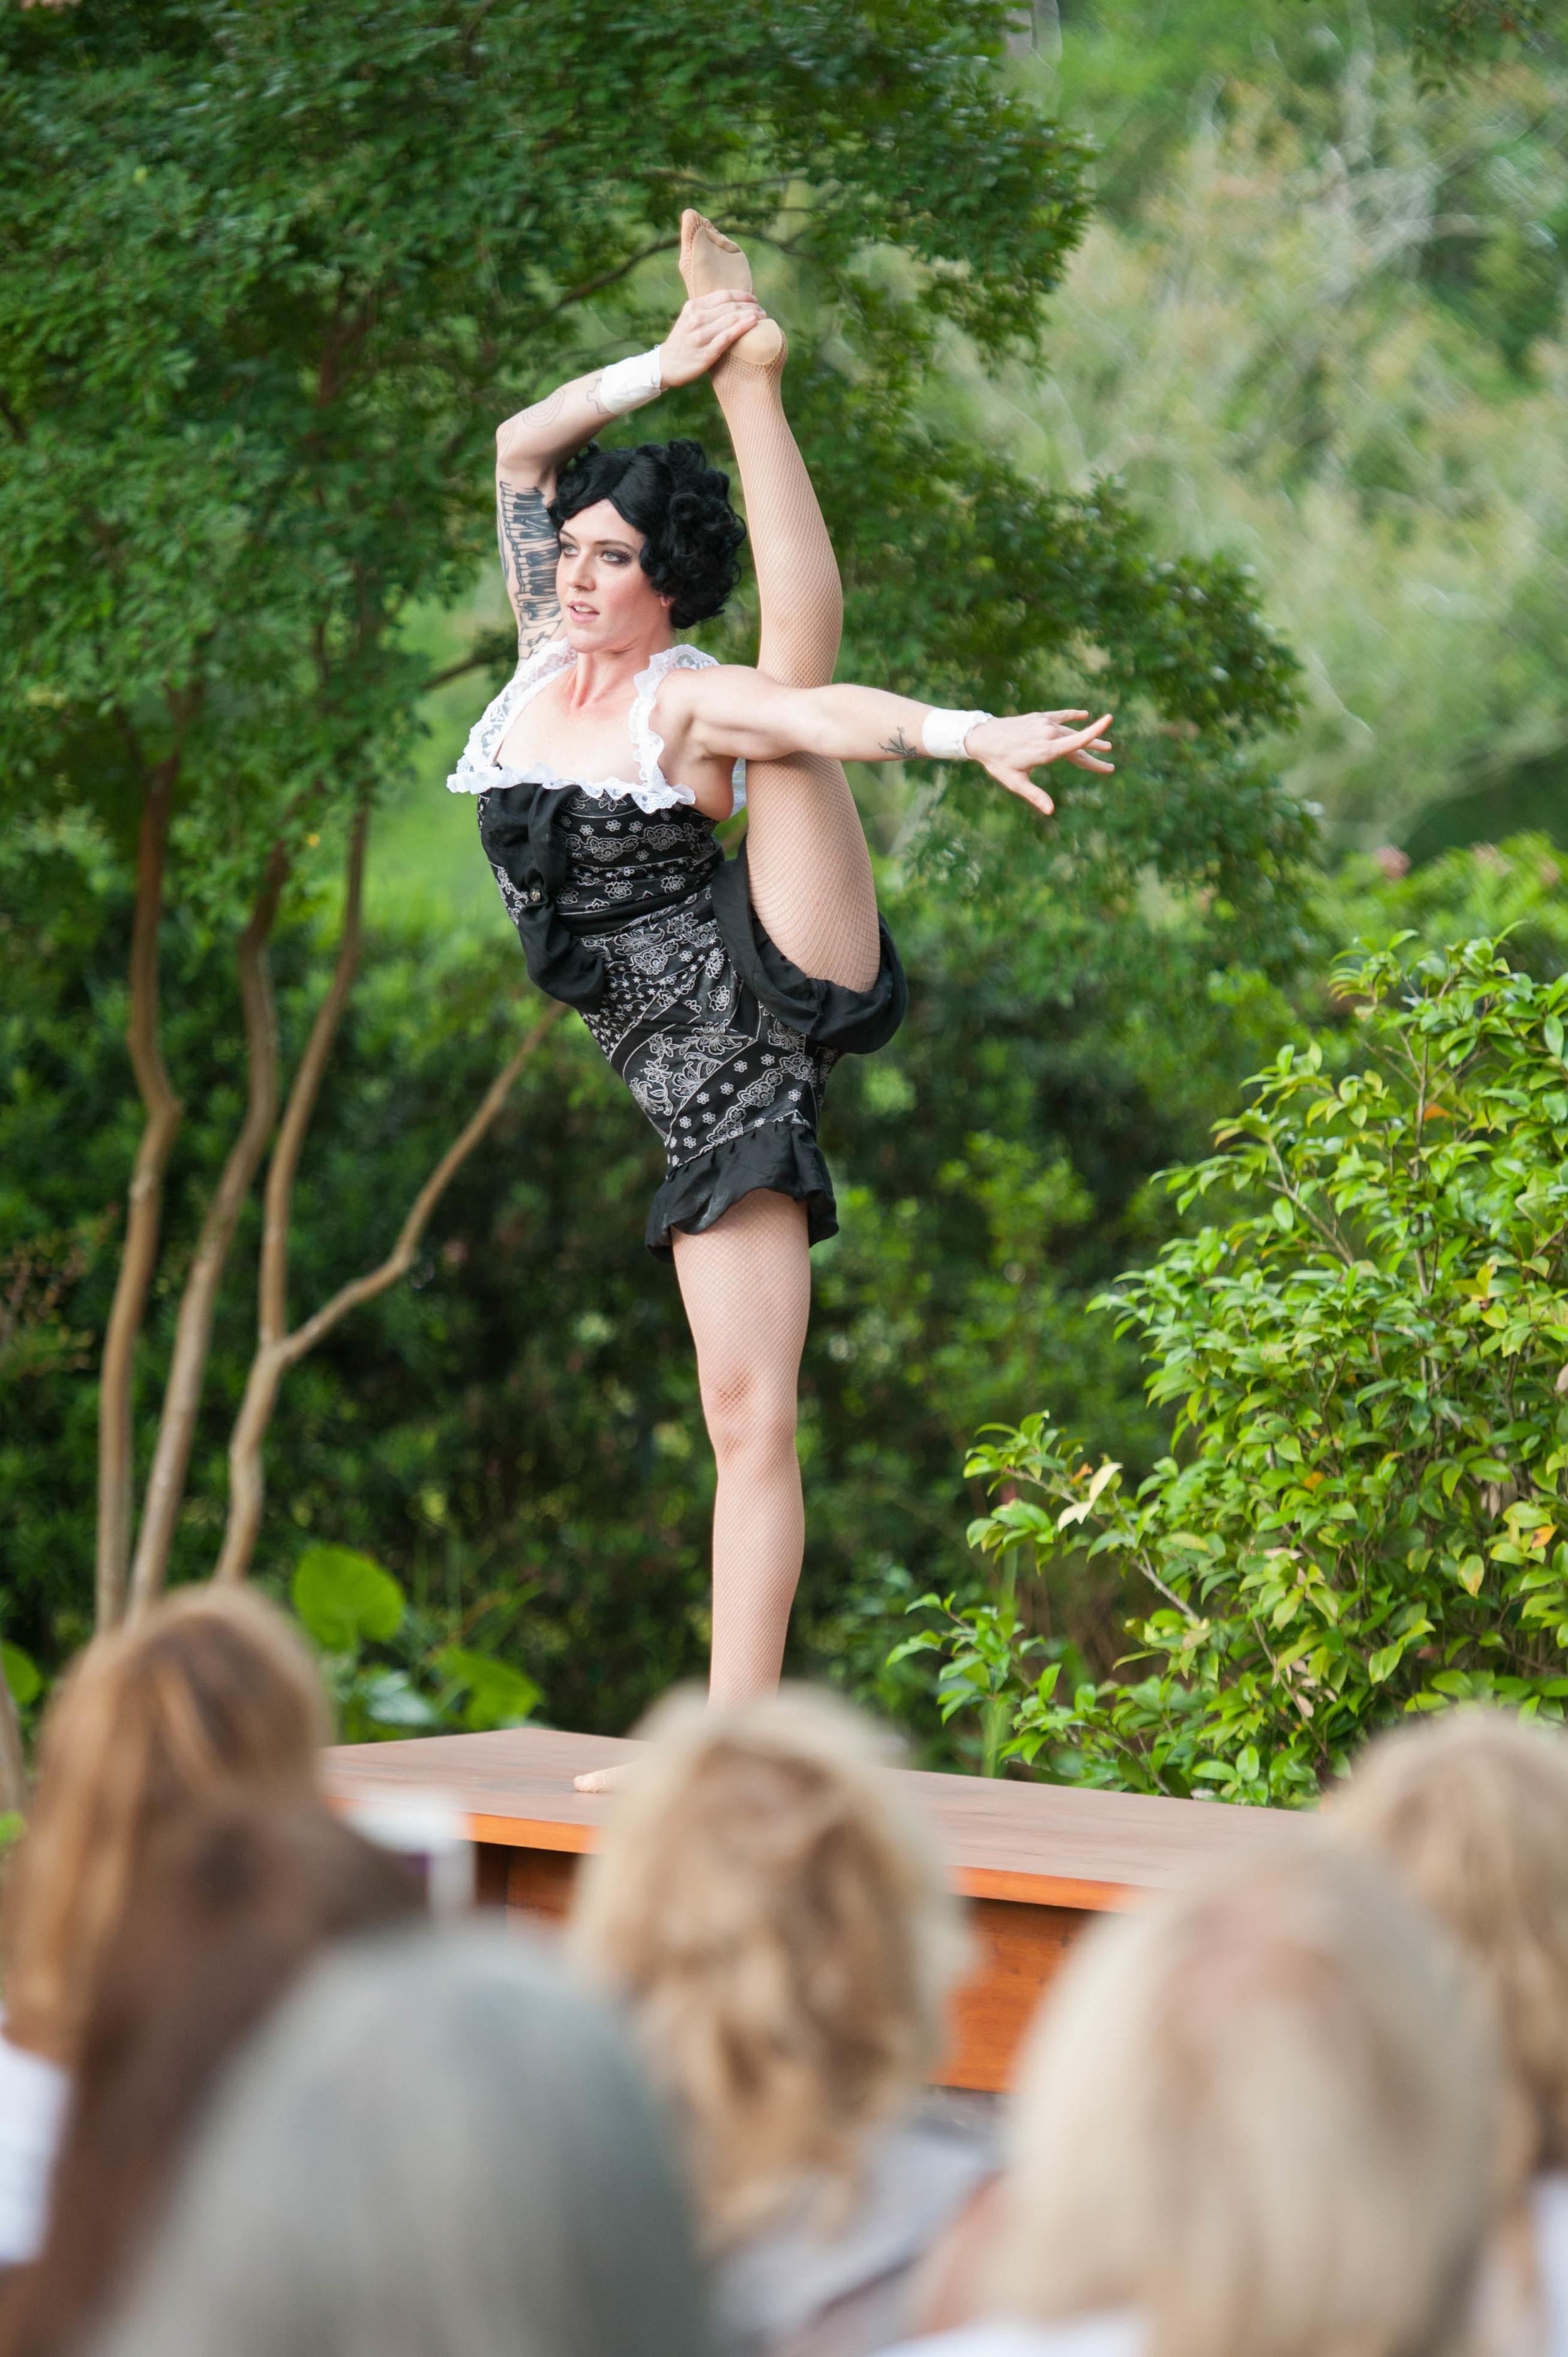 Burlesque dancer: Annie Sloan Unfolded by Adrienne Battistella